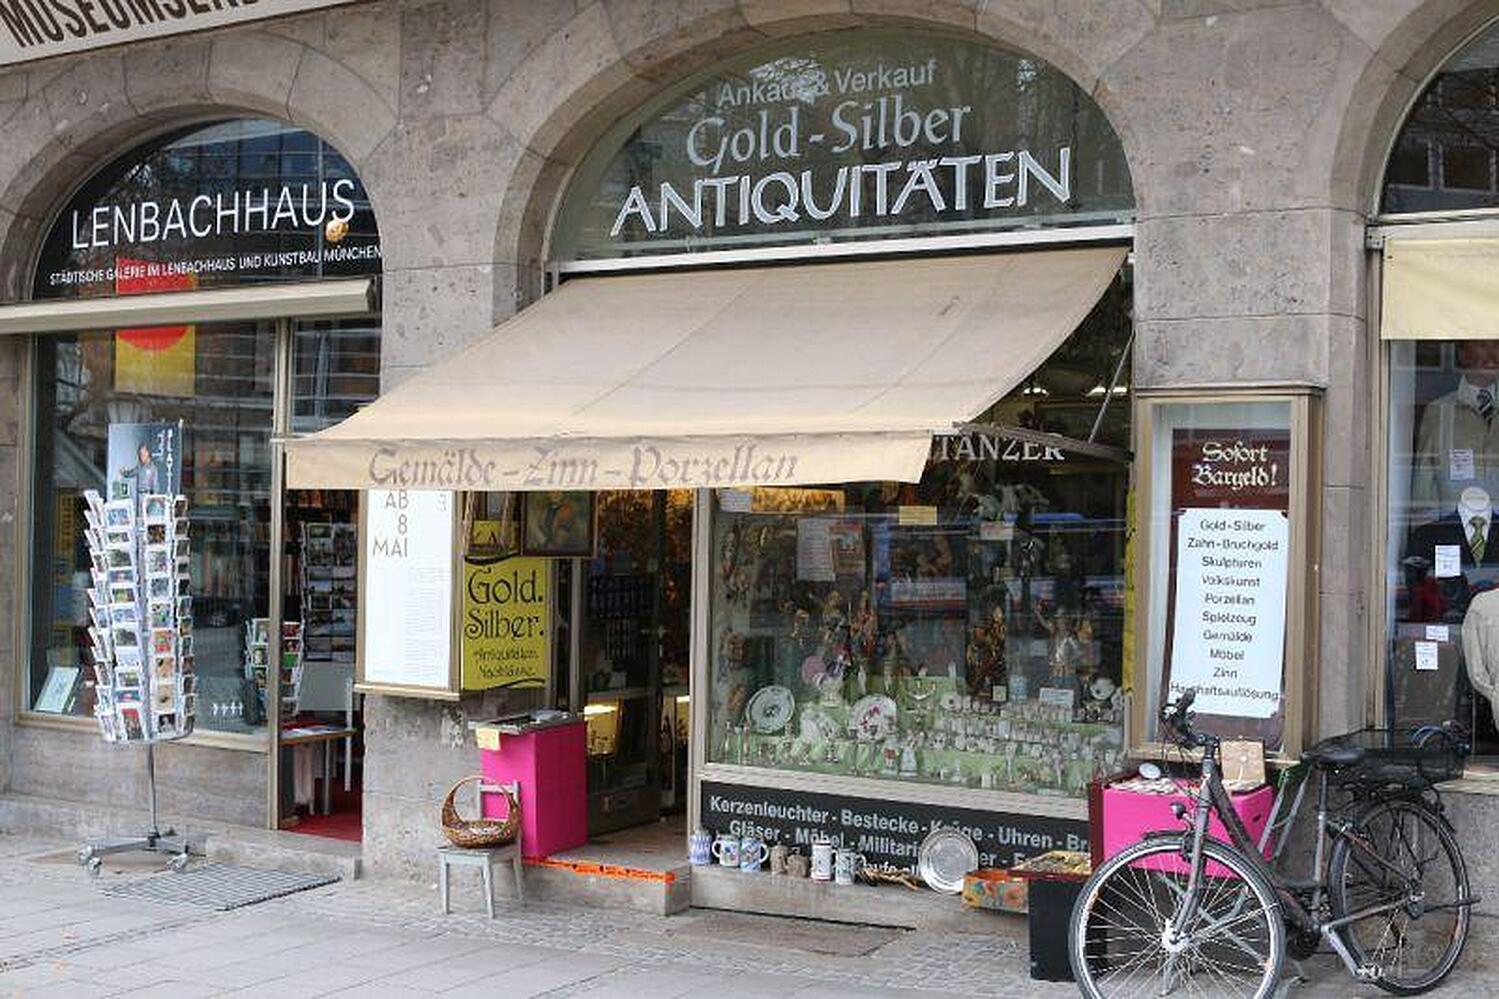 Holzschnitzereien kraus manfred rindermarkt ruffinihaus altstadt m nchen holzschnitzereien - Keuken header venster ...